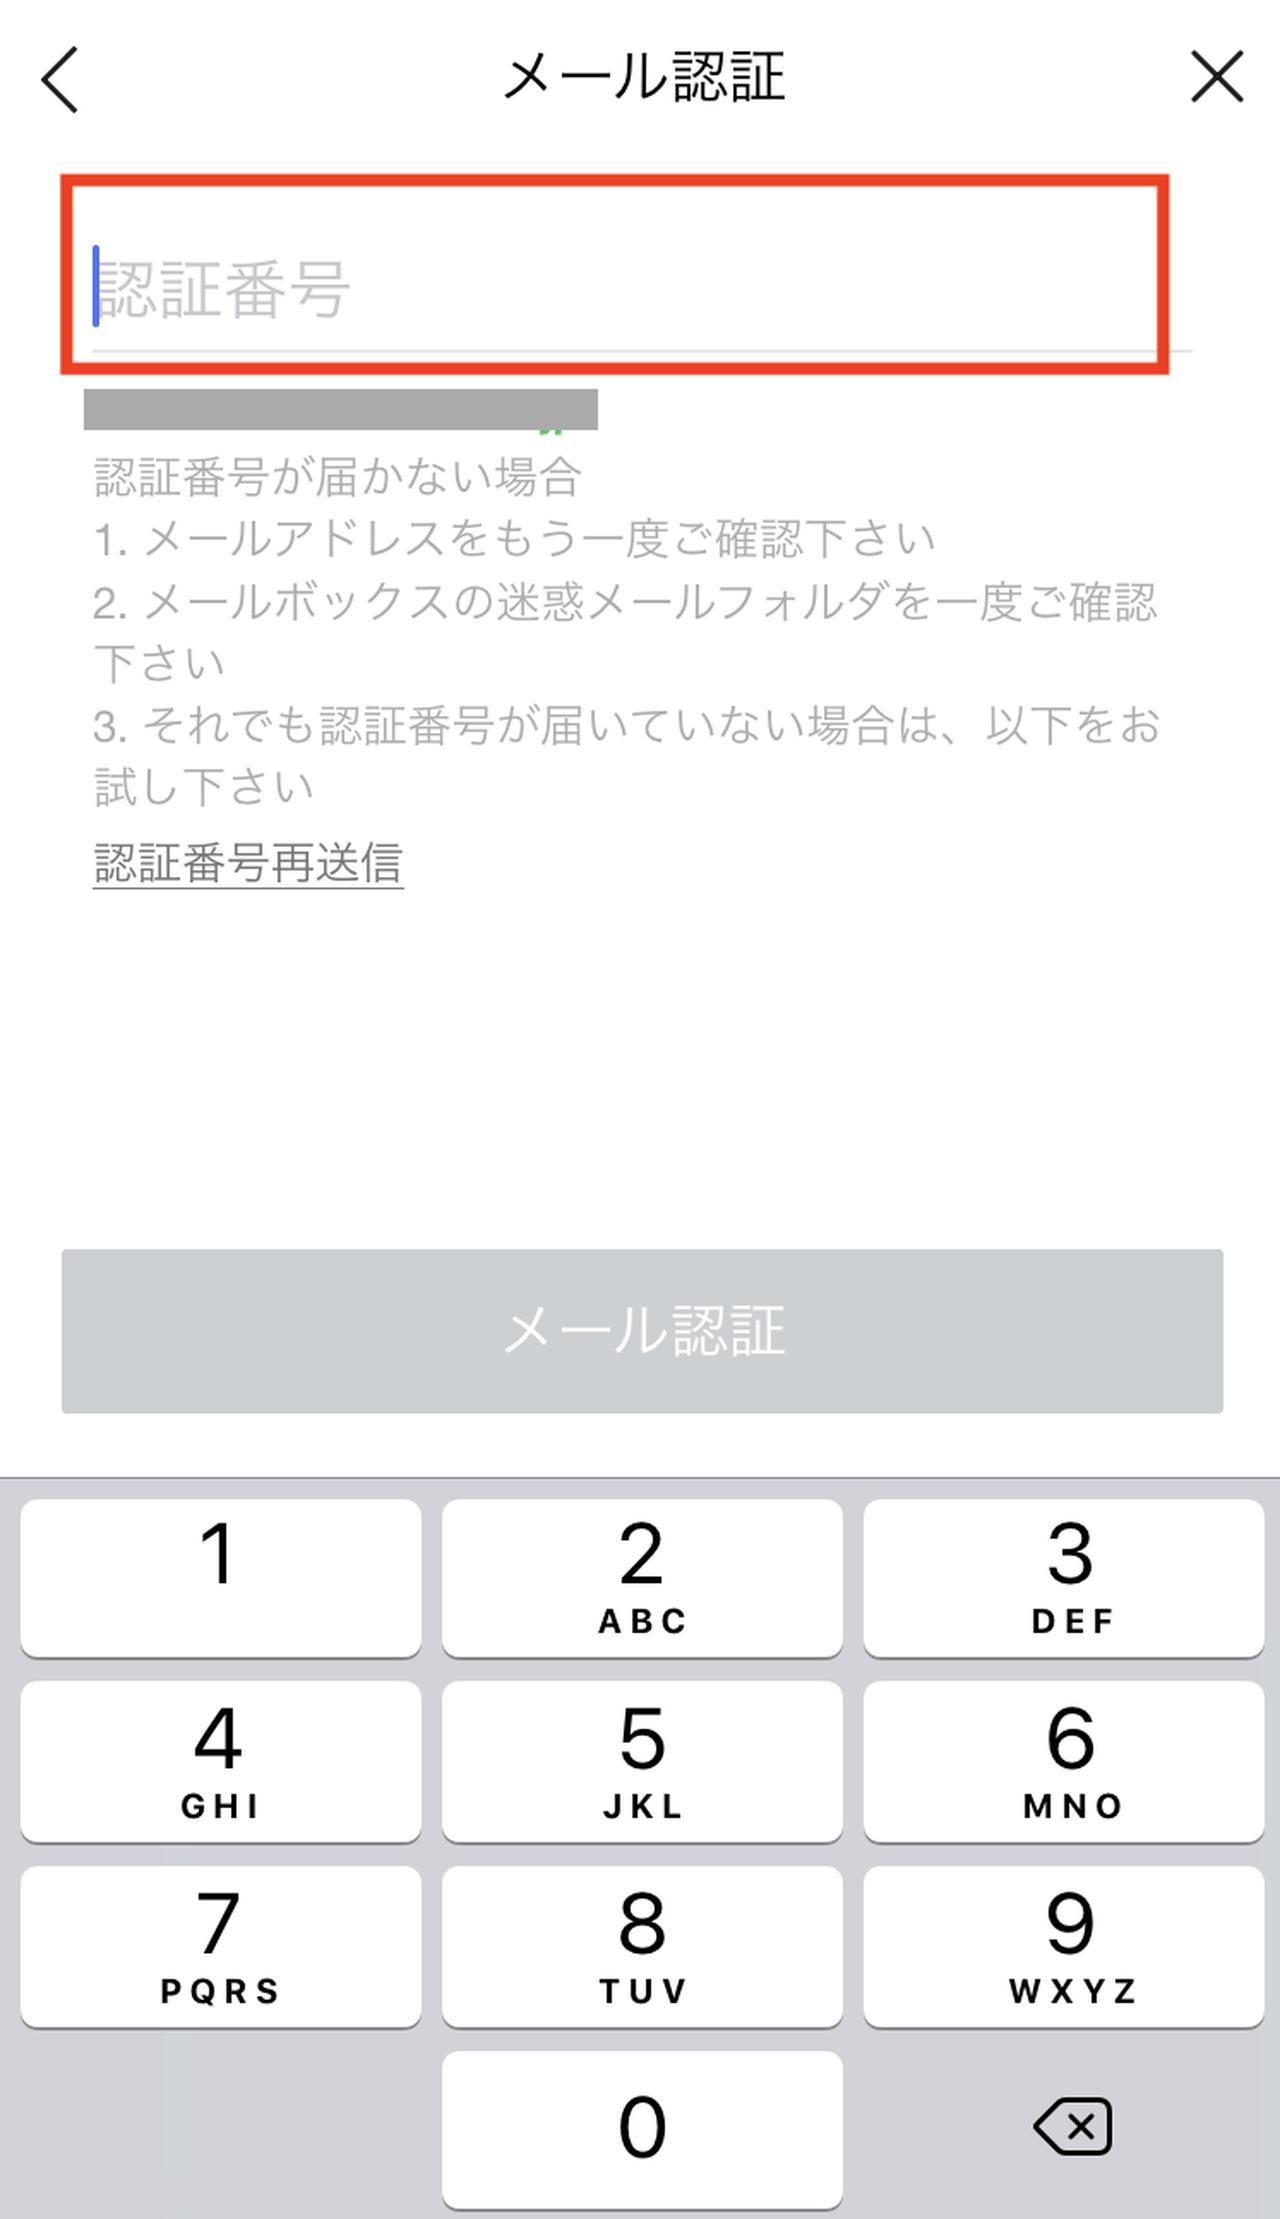 画像: メッセージが届くので、そこに表示されている認証番号を入力します。